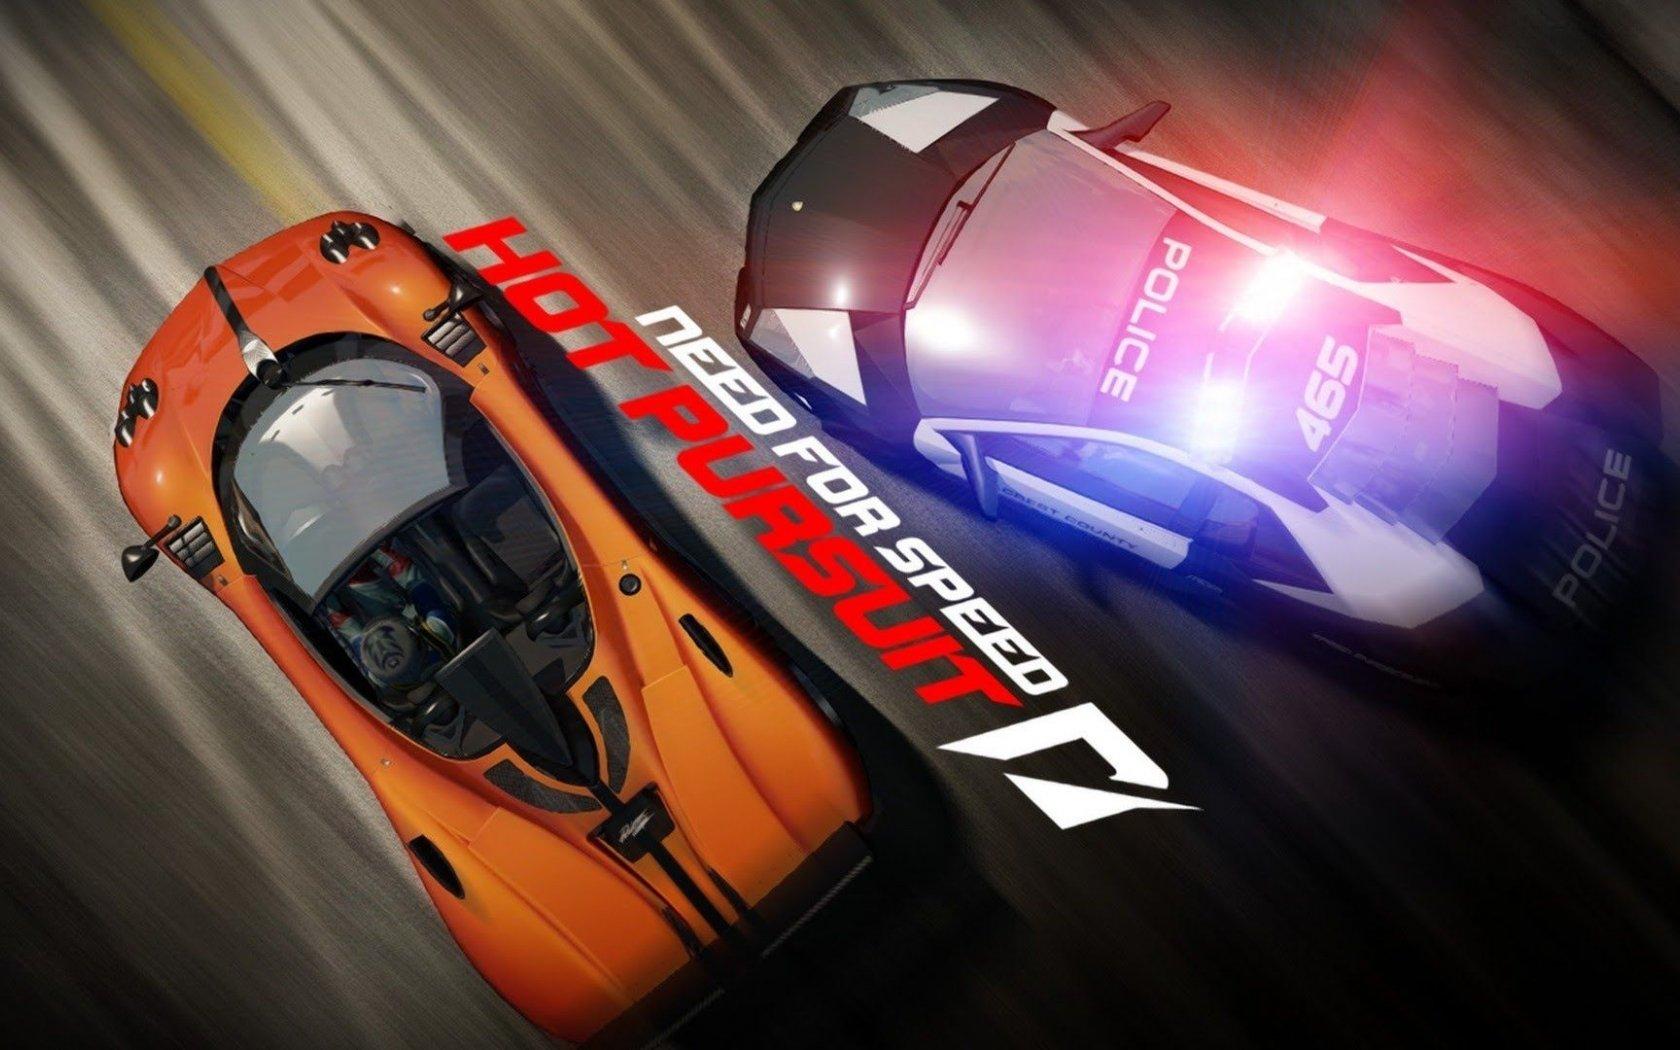 O remaster de Need For Speed Hot Pursuit vai chegar ao PlayStation 4 e Xbox One e já pode ser reservado por 95 dólares da Nova Zelândia.